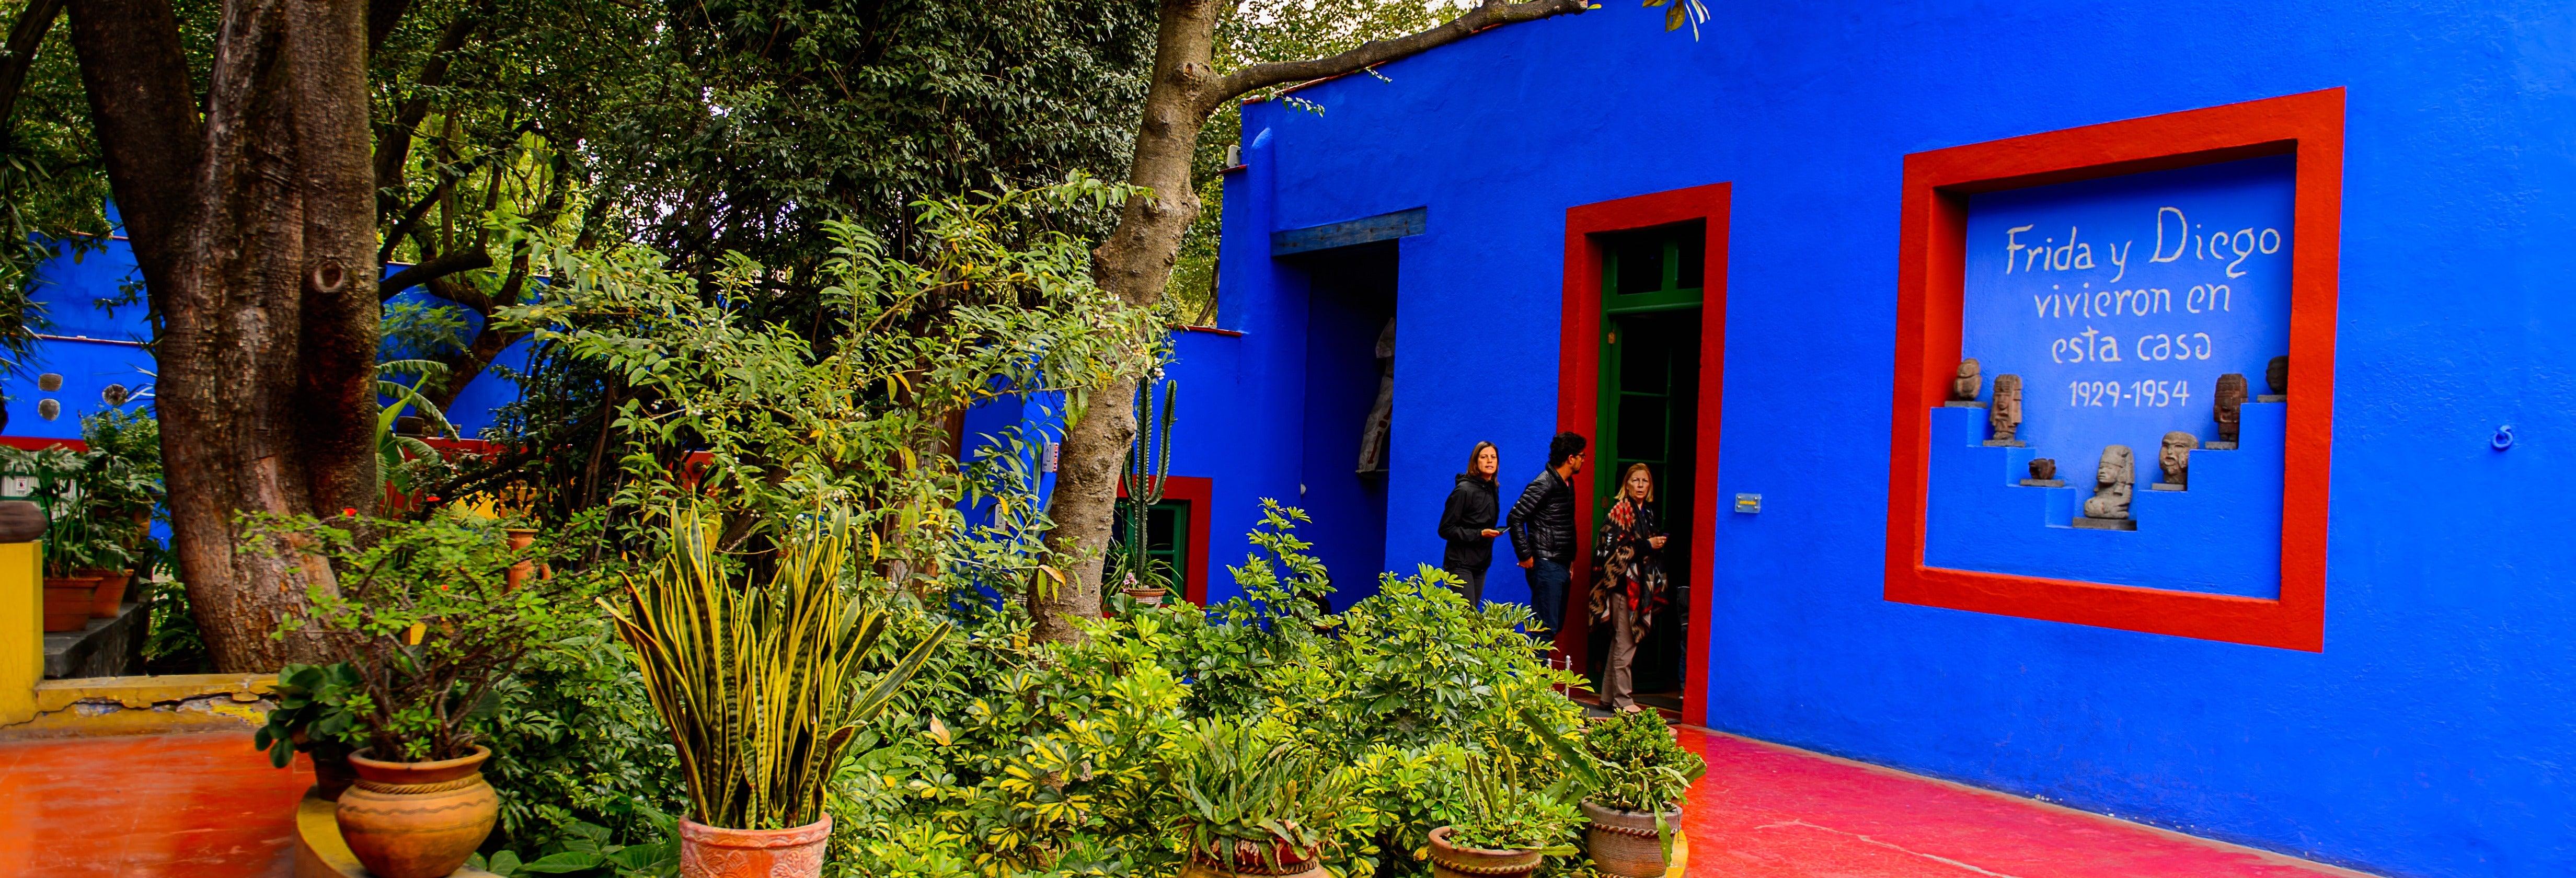 Free tour de Frida Kahlo por Coyoacán